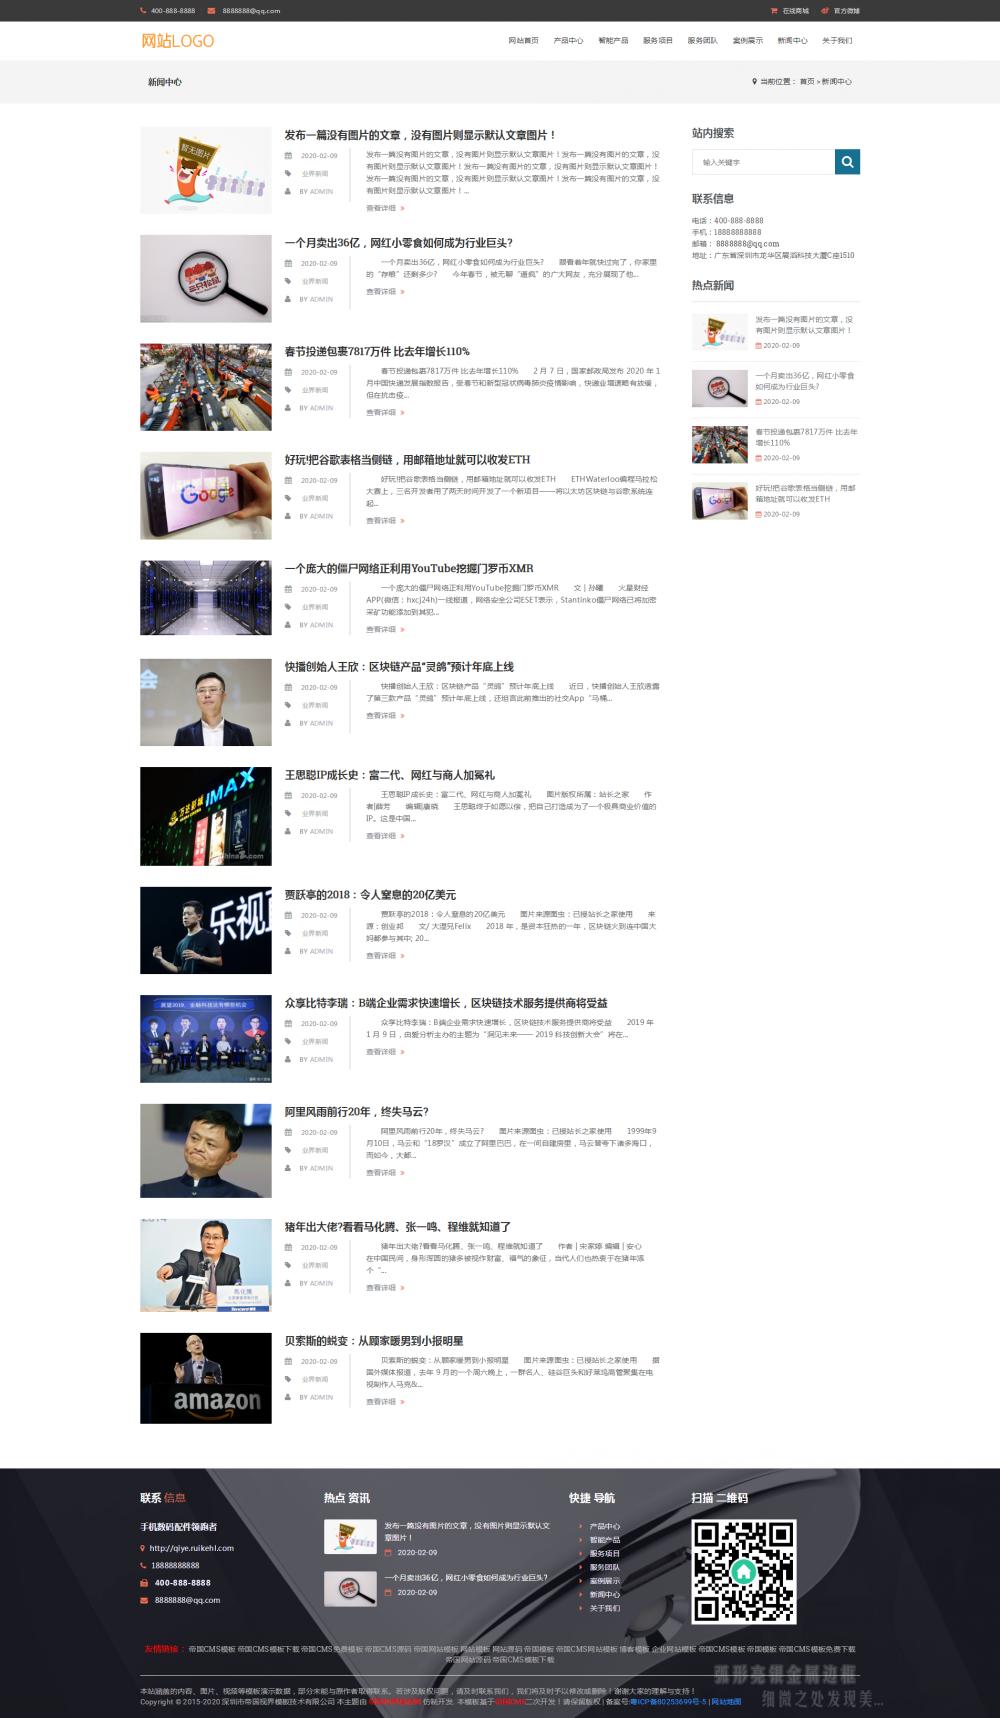 7新闻中心.png [DG-111]帝国CMS响应式科技产品模板,自适应科技产品资讯网站模板(自适应手机版) 企业模板 第7张